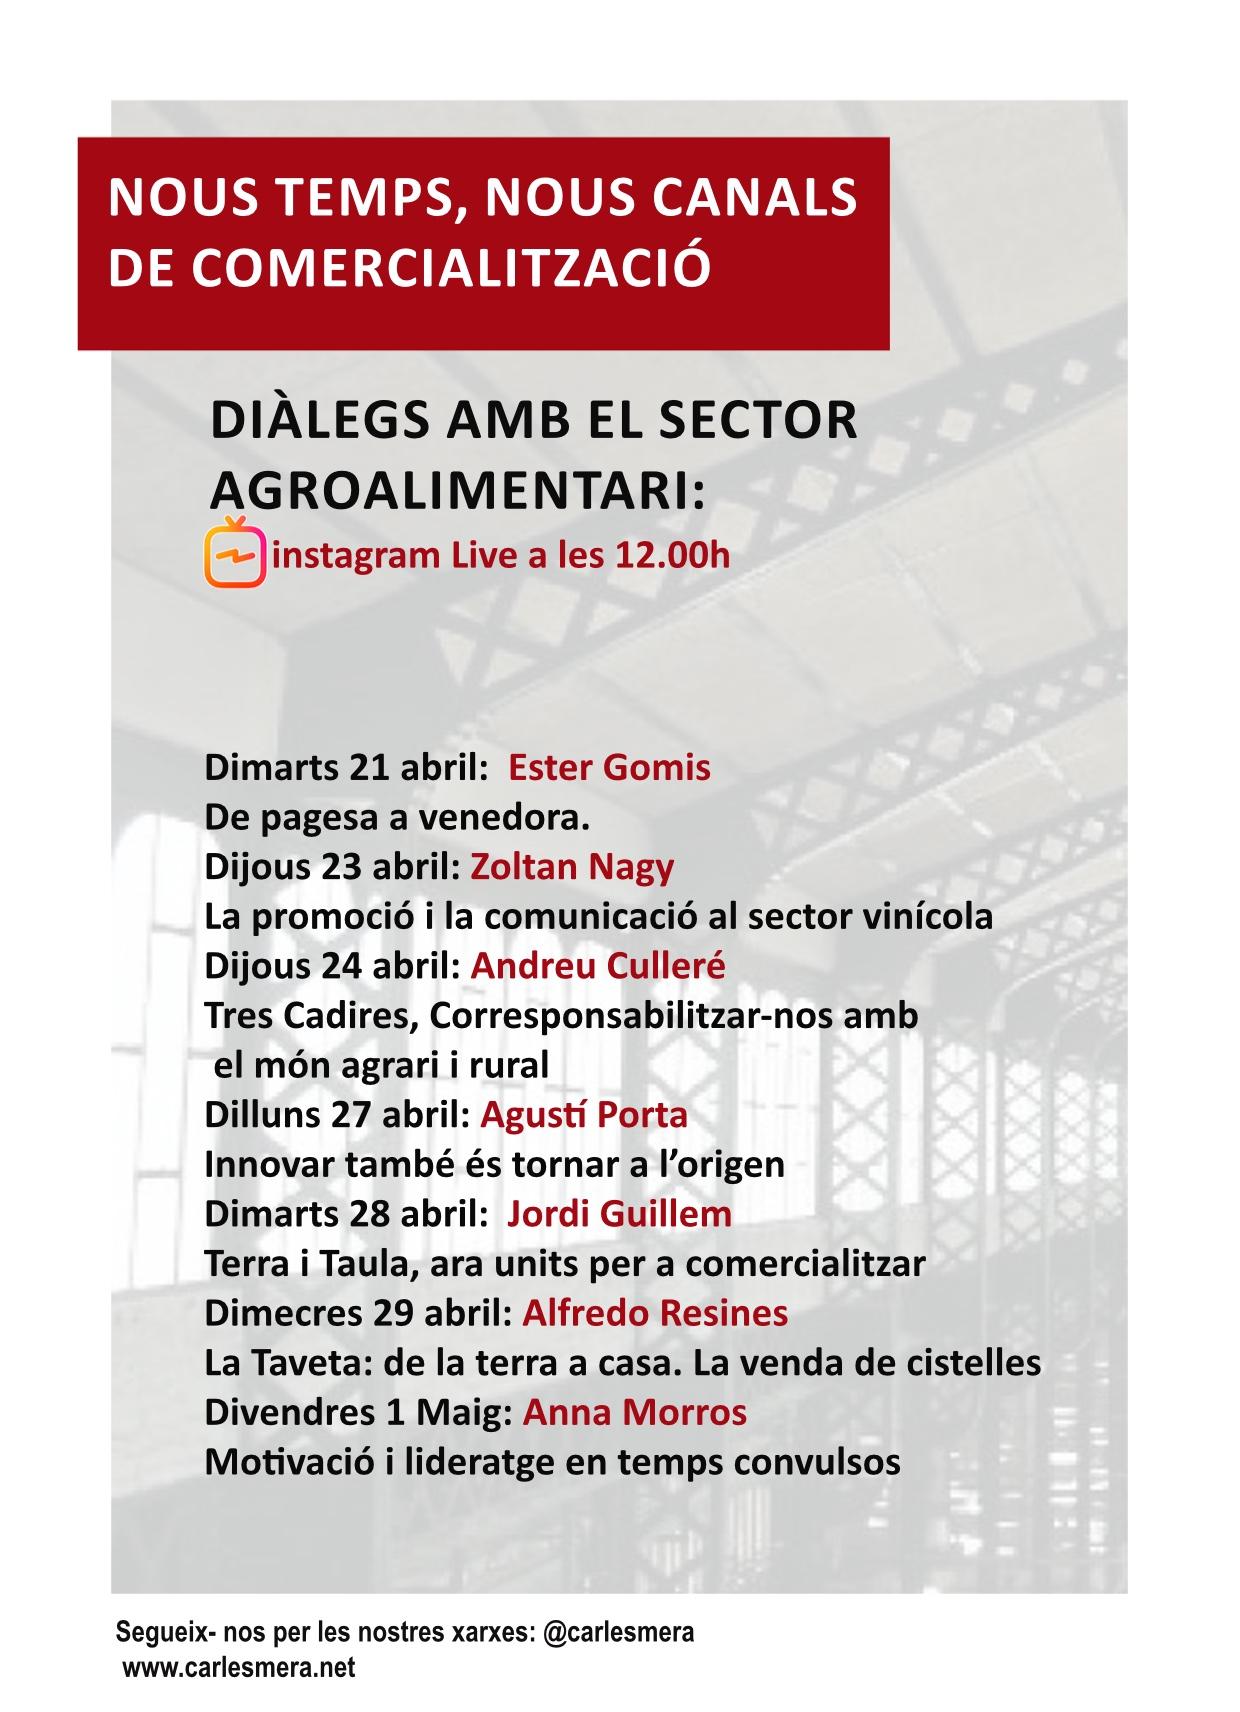 Dialogos sector agroalimentario